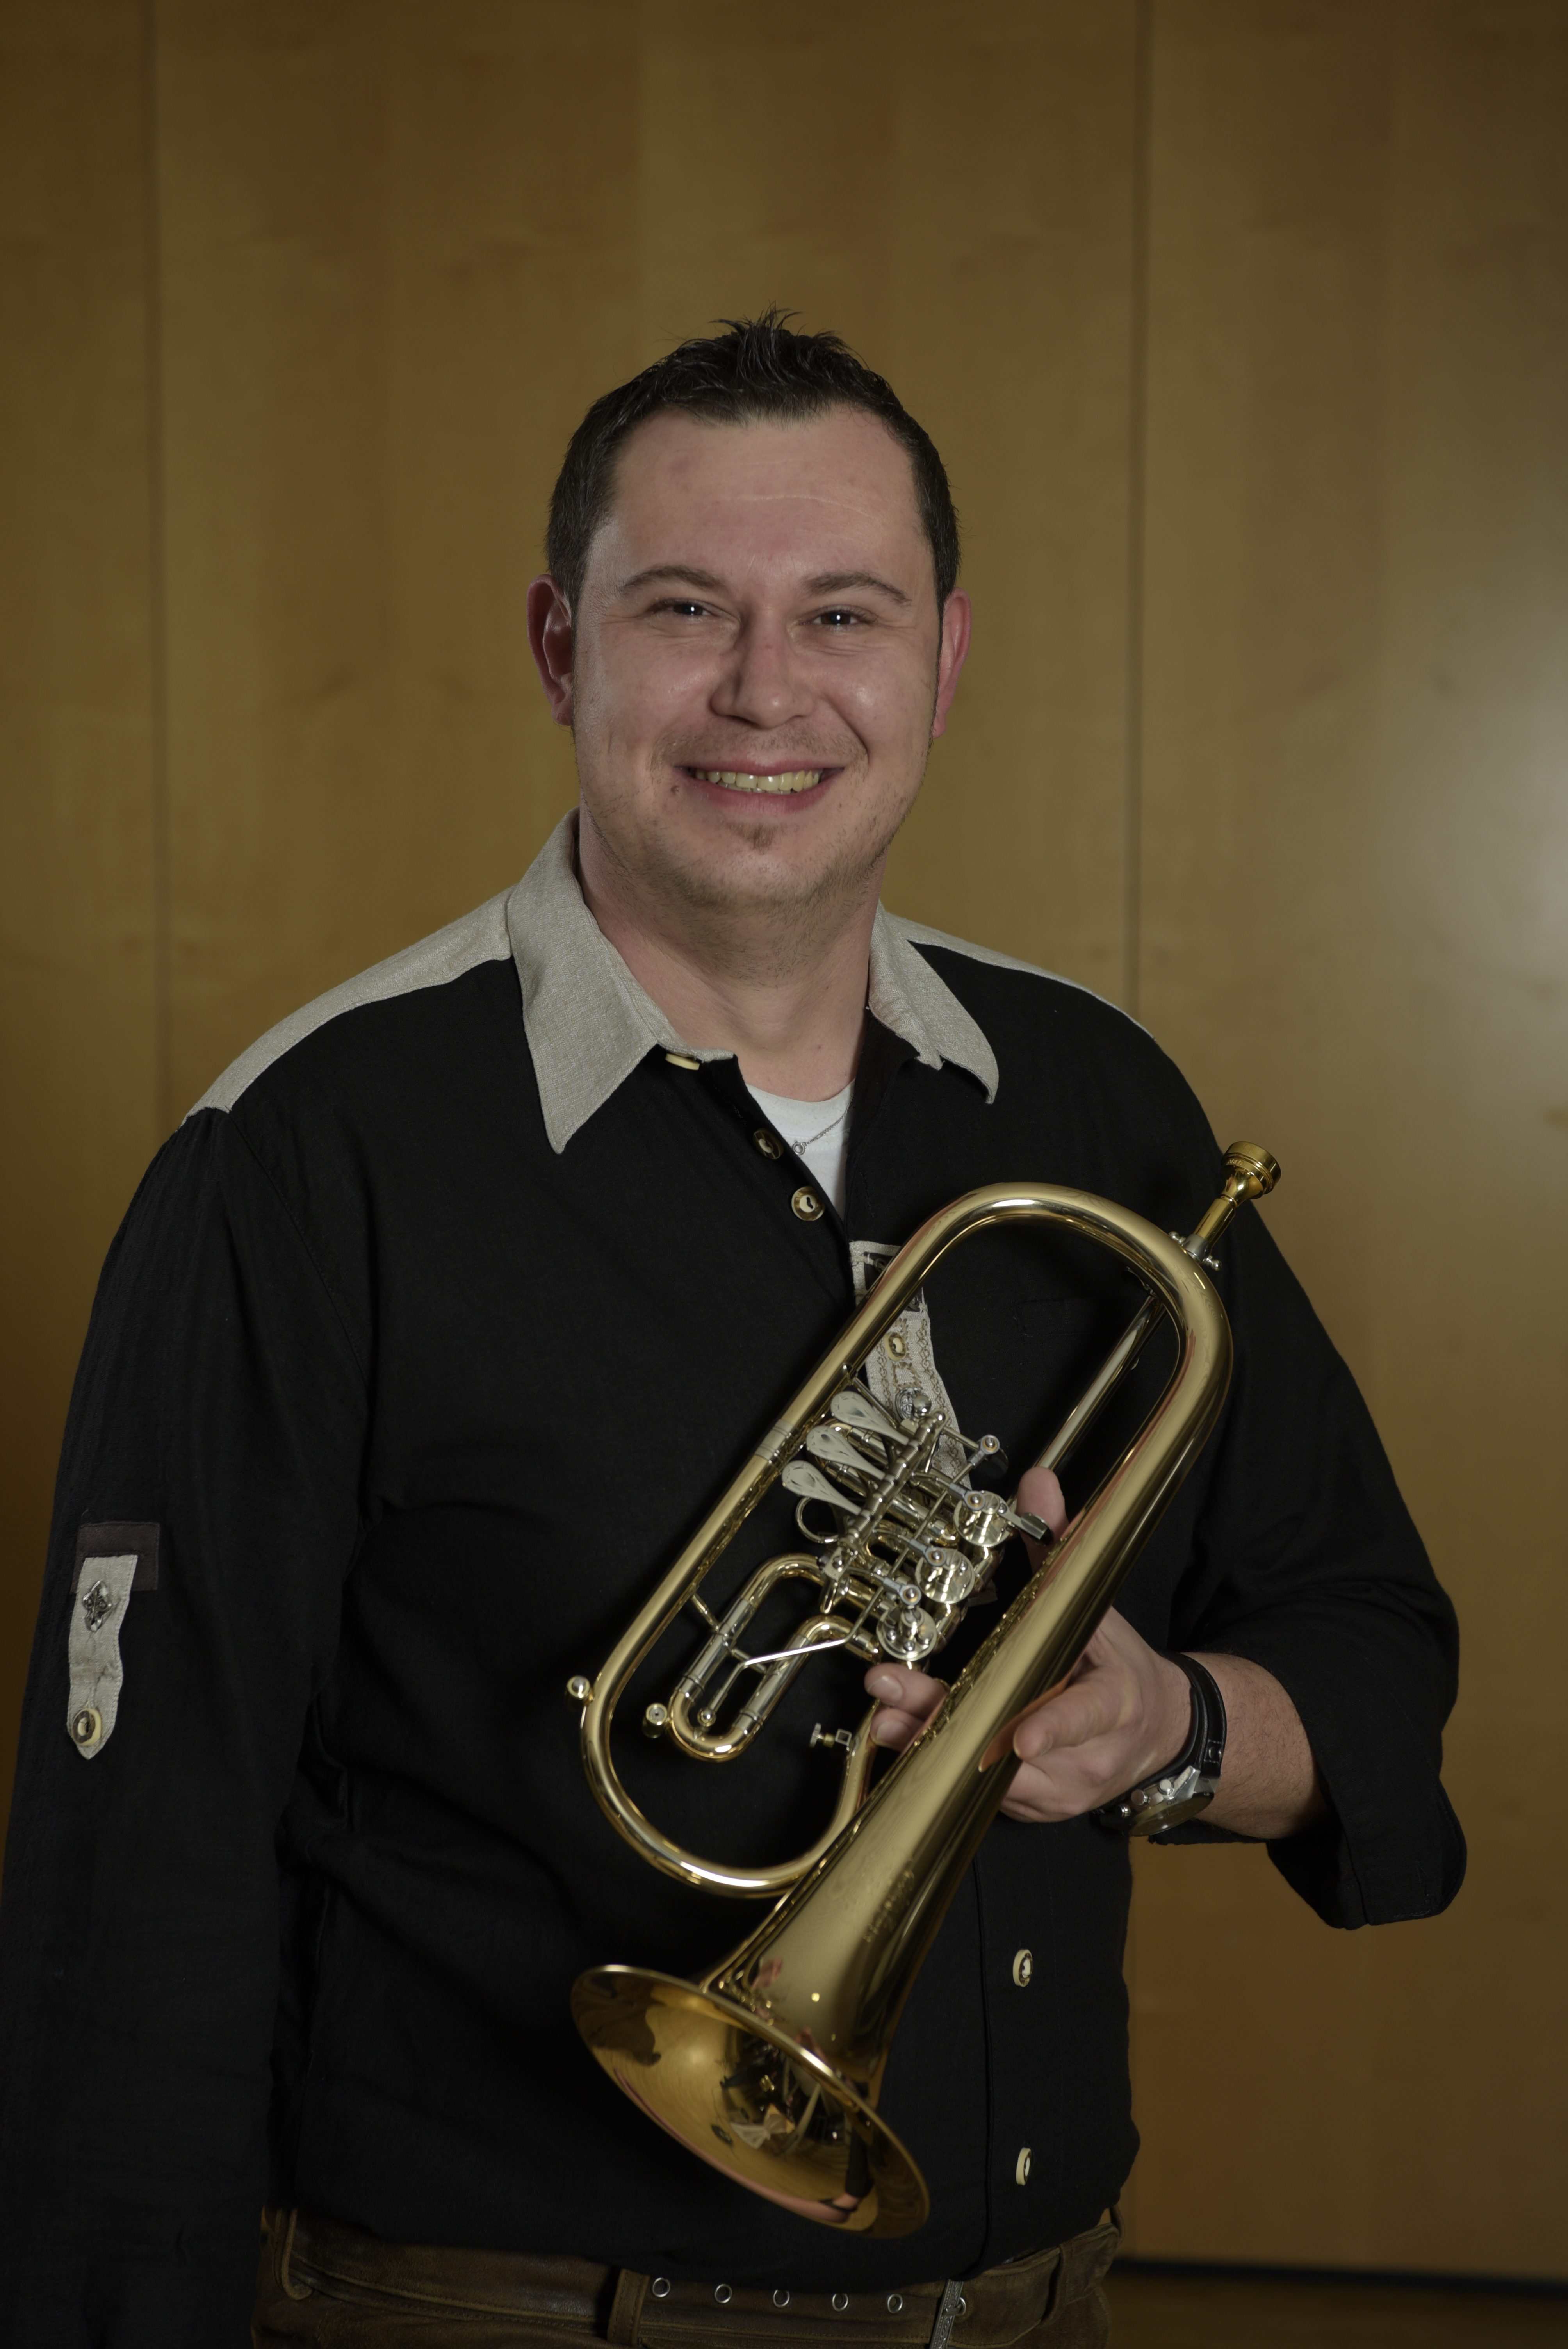 Dennis Fischer